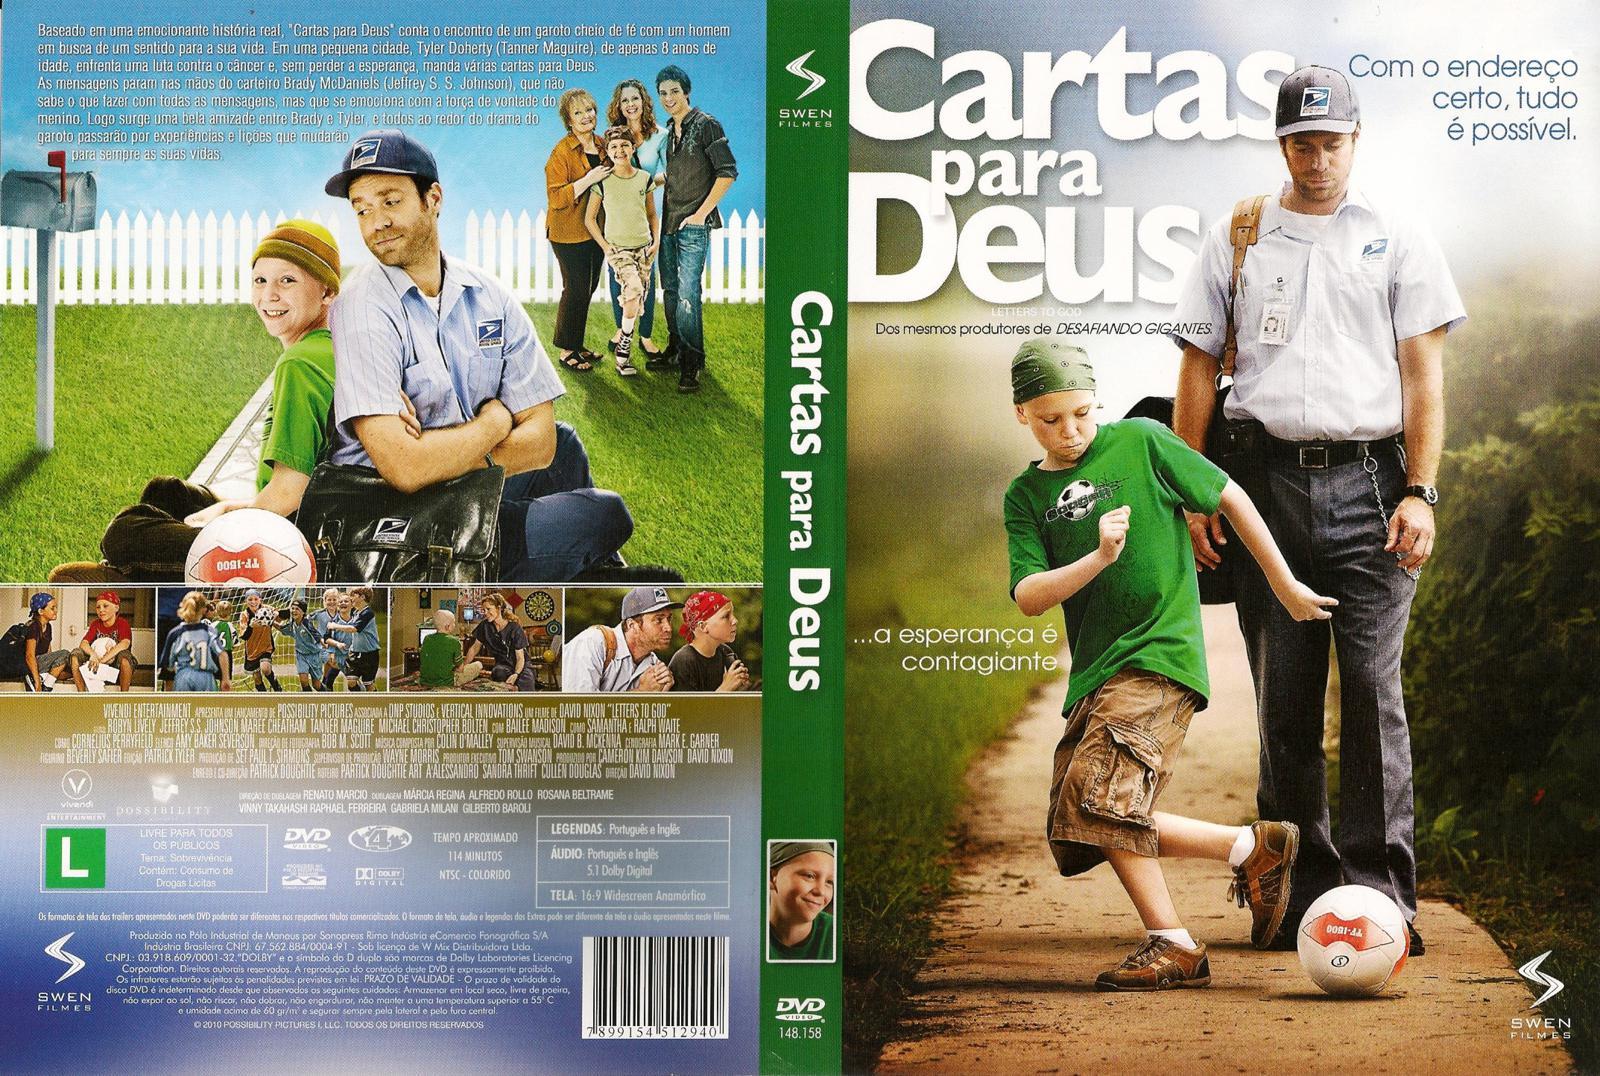 FILME ONLINE CARTAS PARA DEUS - ASSISTA ONLINE AQUI